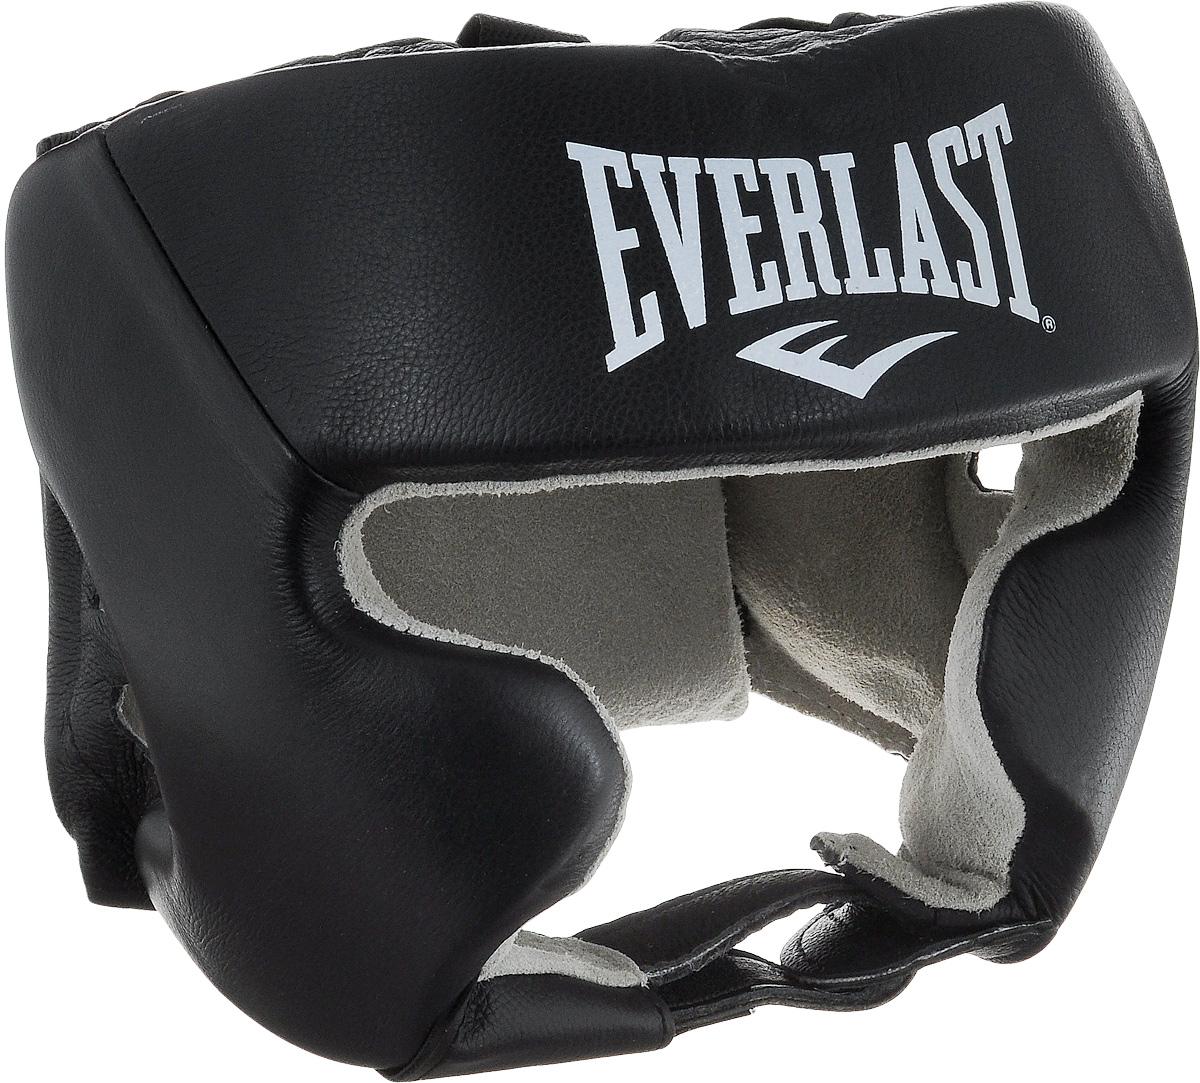 Шлем боксерский Everlast USA Boxing Cheek, с защитой щек, цвет: черный, белый. Размер L620401UEverlast USA Boxing Cheek - боксерский шлем, разработанный для выступления на любительских соревнованиях и одобренный ассоциацией USA Boxing. Плотный четырехслойный пенный наполнитель превосходно амортизирует удары и значительно снижает риск травмы. Качественная натуральная кожа (снаружи) и не менее качественная замша (внутри) обеспечивают значительный запас прочности и отличную износоустойчивость. Подгонка под необходимый размер и фиксация на голове происходят за счет надежной застежки на липучке. Если вы еще ищите шлем для предстоящих соревнований, то Everlast USA Boxing Cheek - это ваш выбор! Диаметр головы: 22 см.